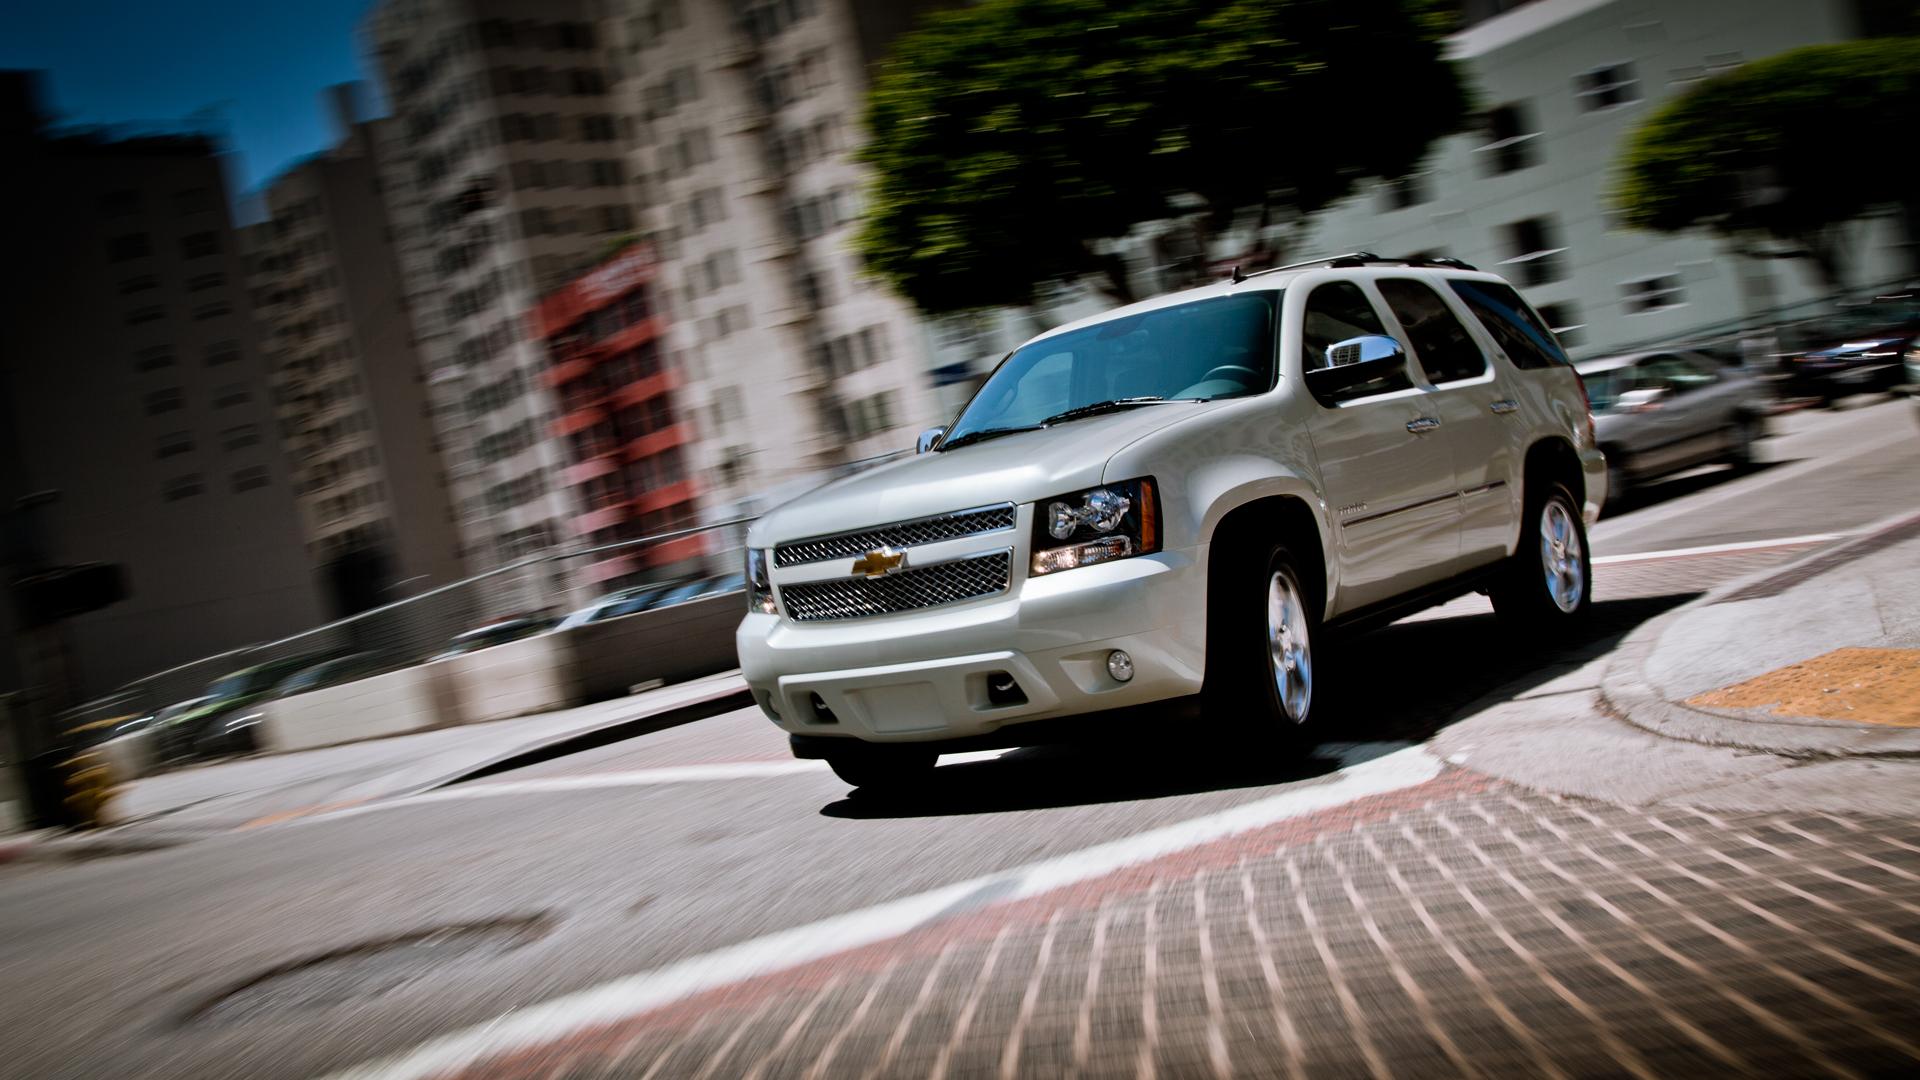 2014 Chevrolet Tahoe  TOPISMAGNET